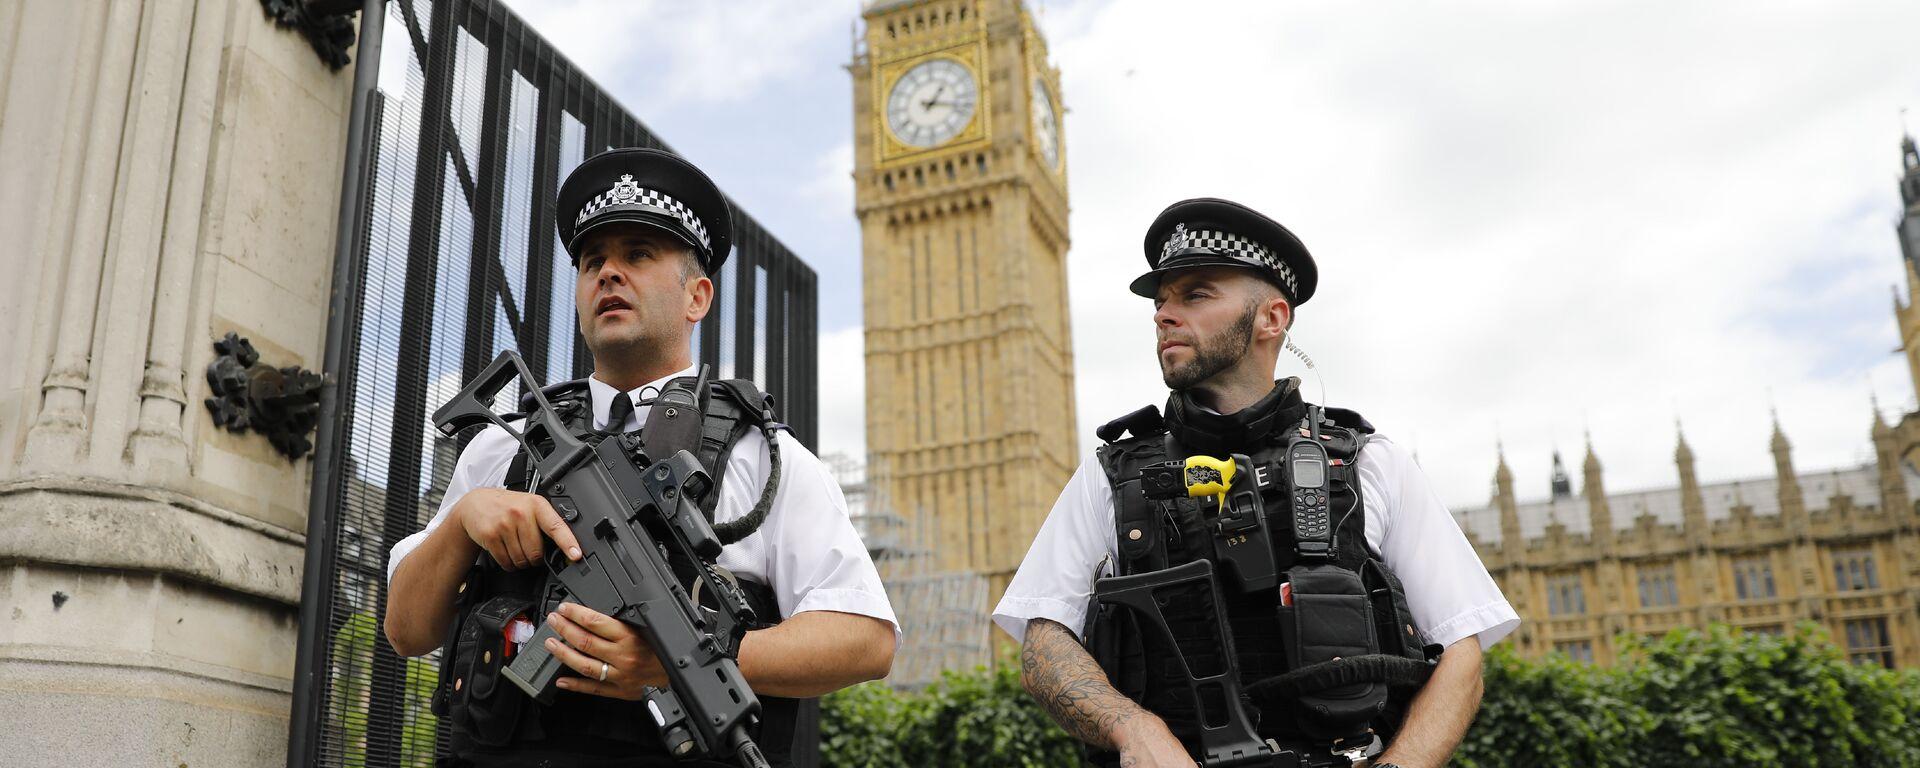 Οπλισμένοι αστυνομικοί έξω από το βρετανικό κοινοβούλιο, στο Λονδίνο - Sputnik Ελλάδα, 1920, 11.10.2021